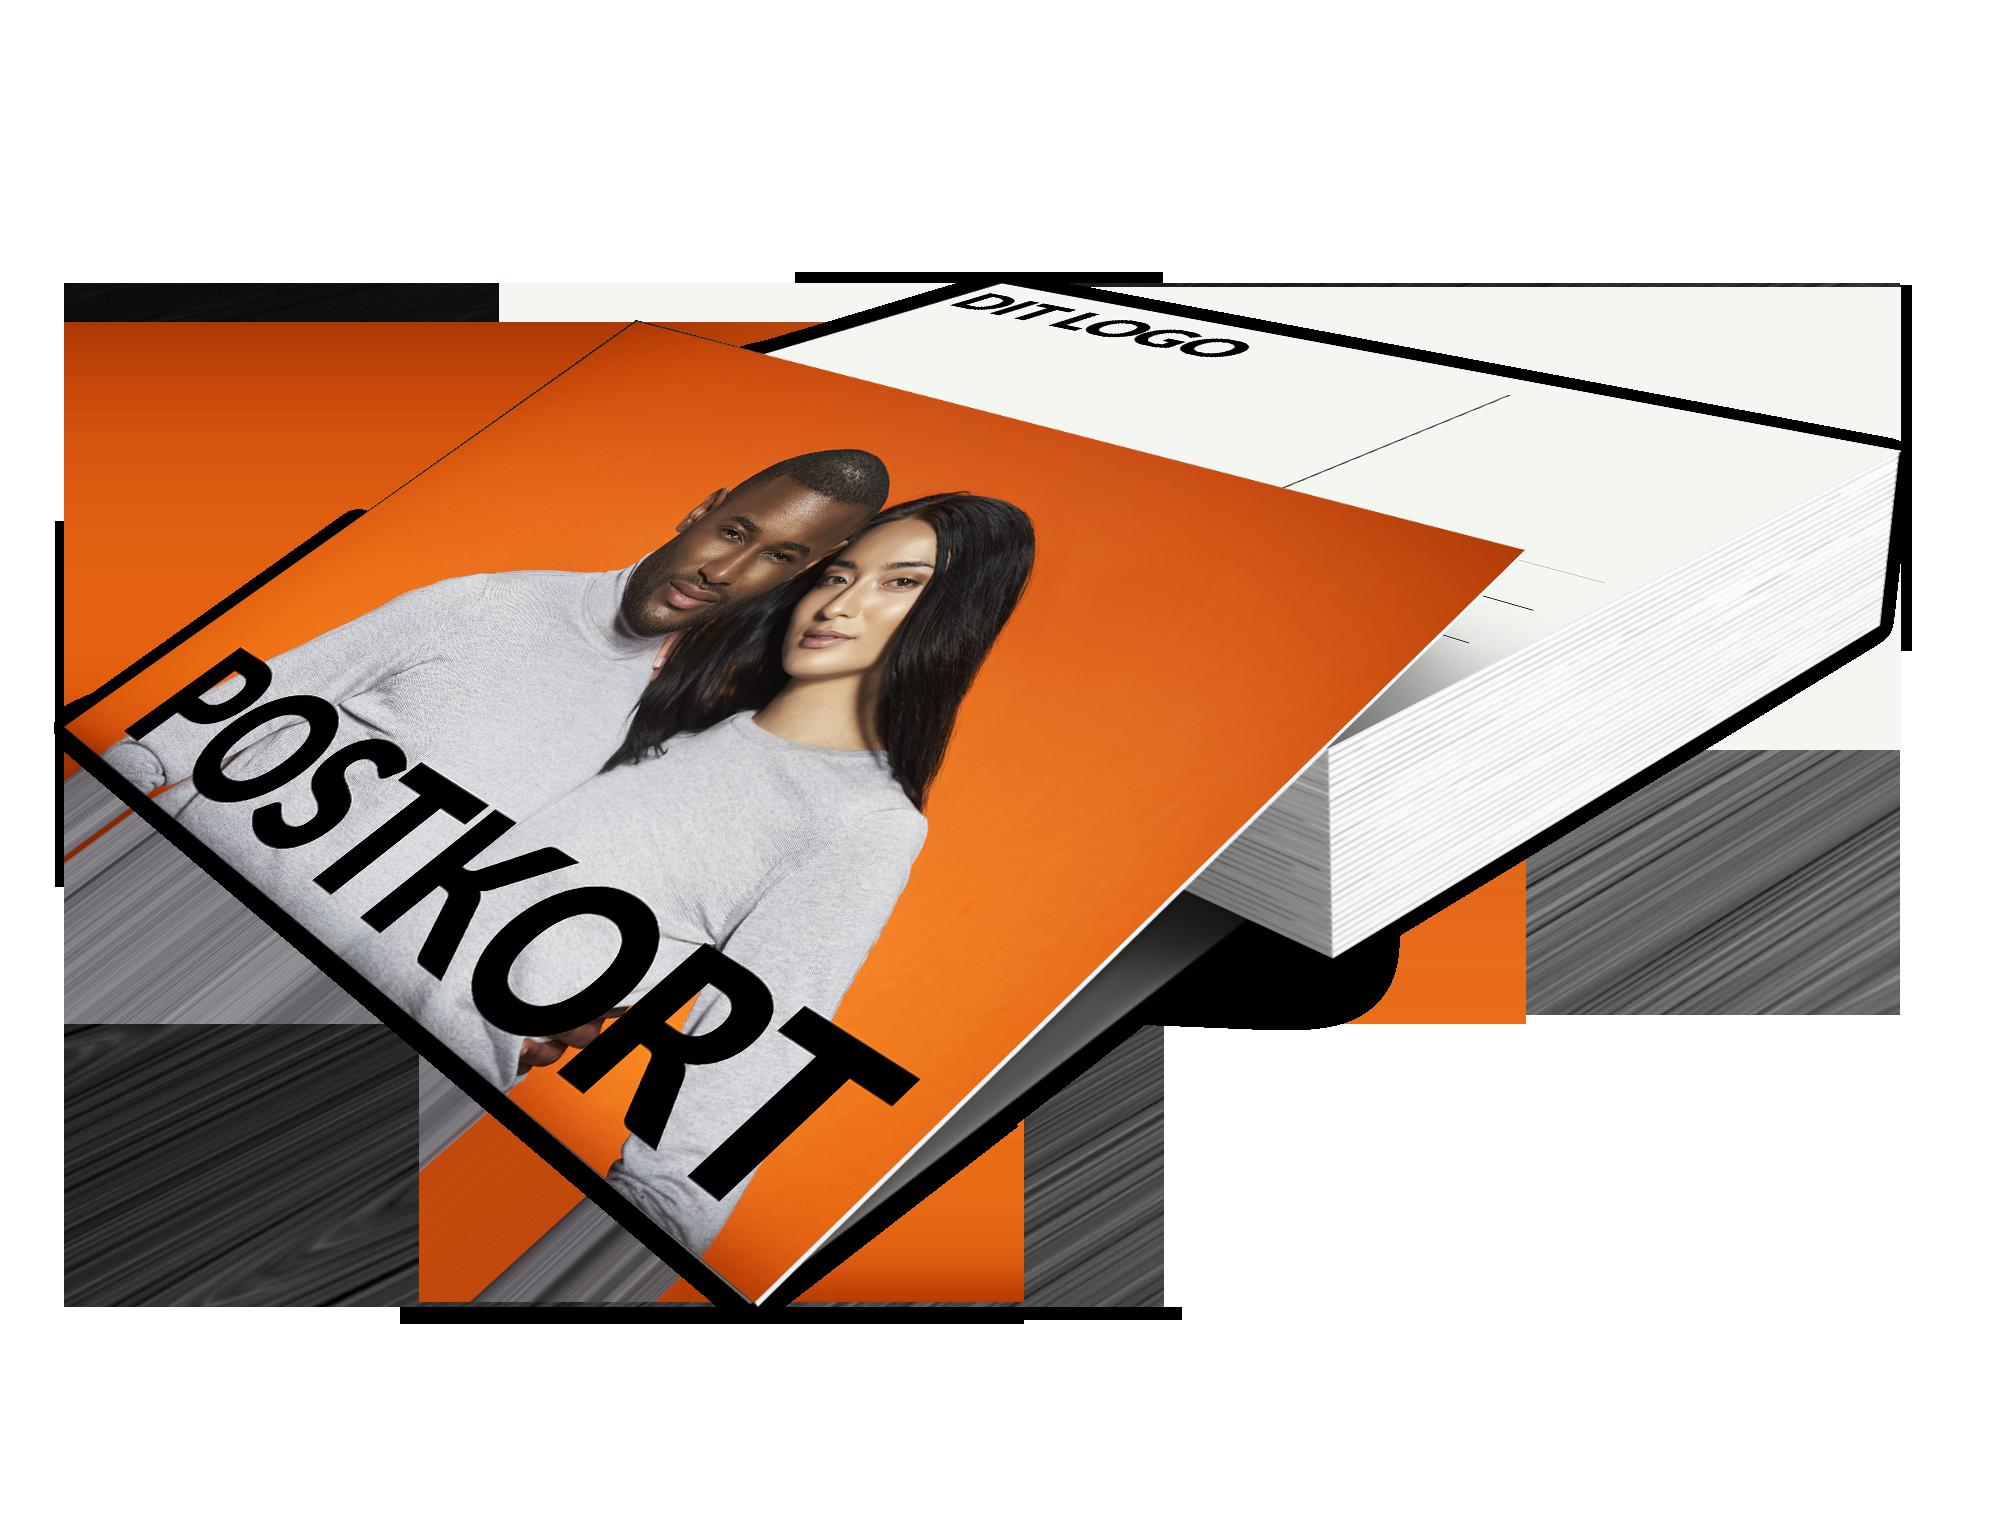 Send et postkort med eget motiv eller tryk, eller print. flot tryk på Almindeligt postkortpapir